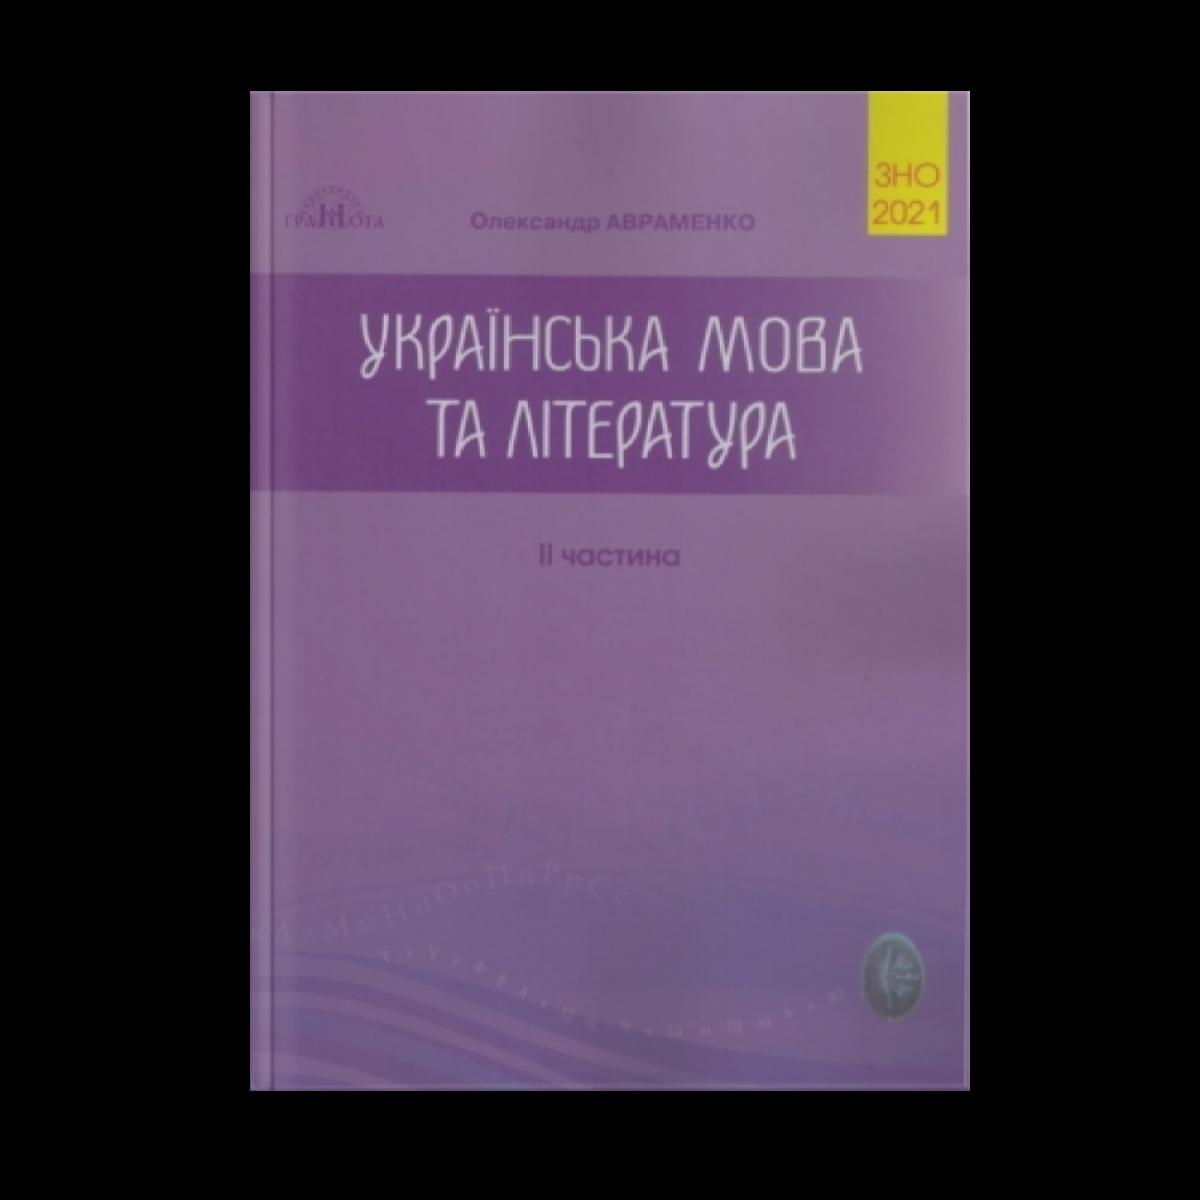 ЗНО 2021. Українська мова та література. ІІ частина